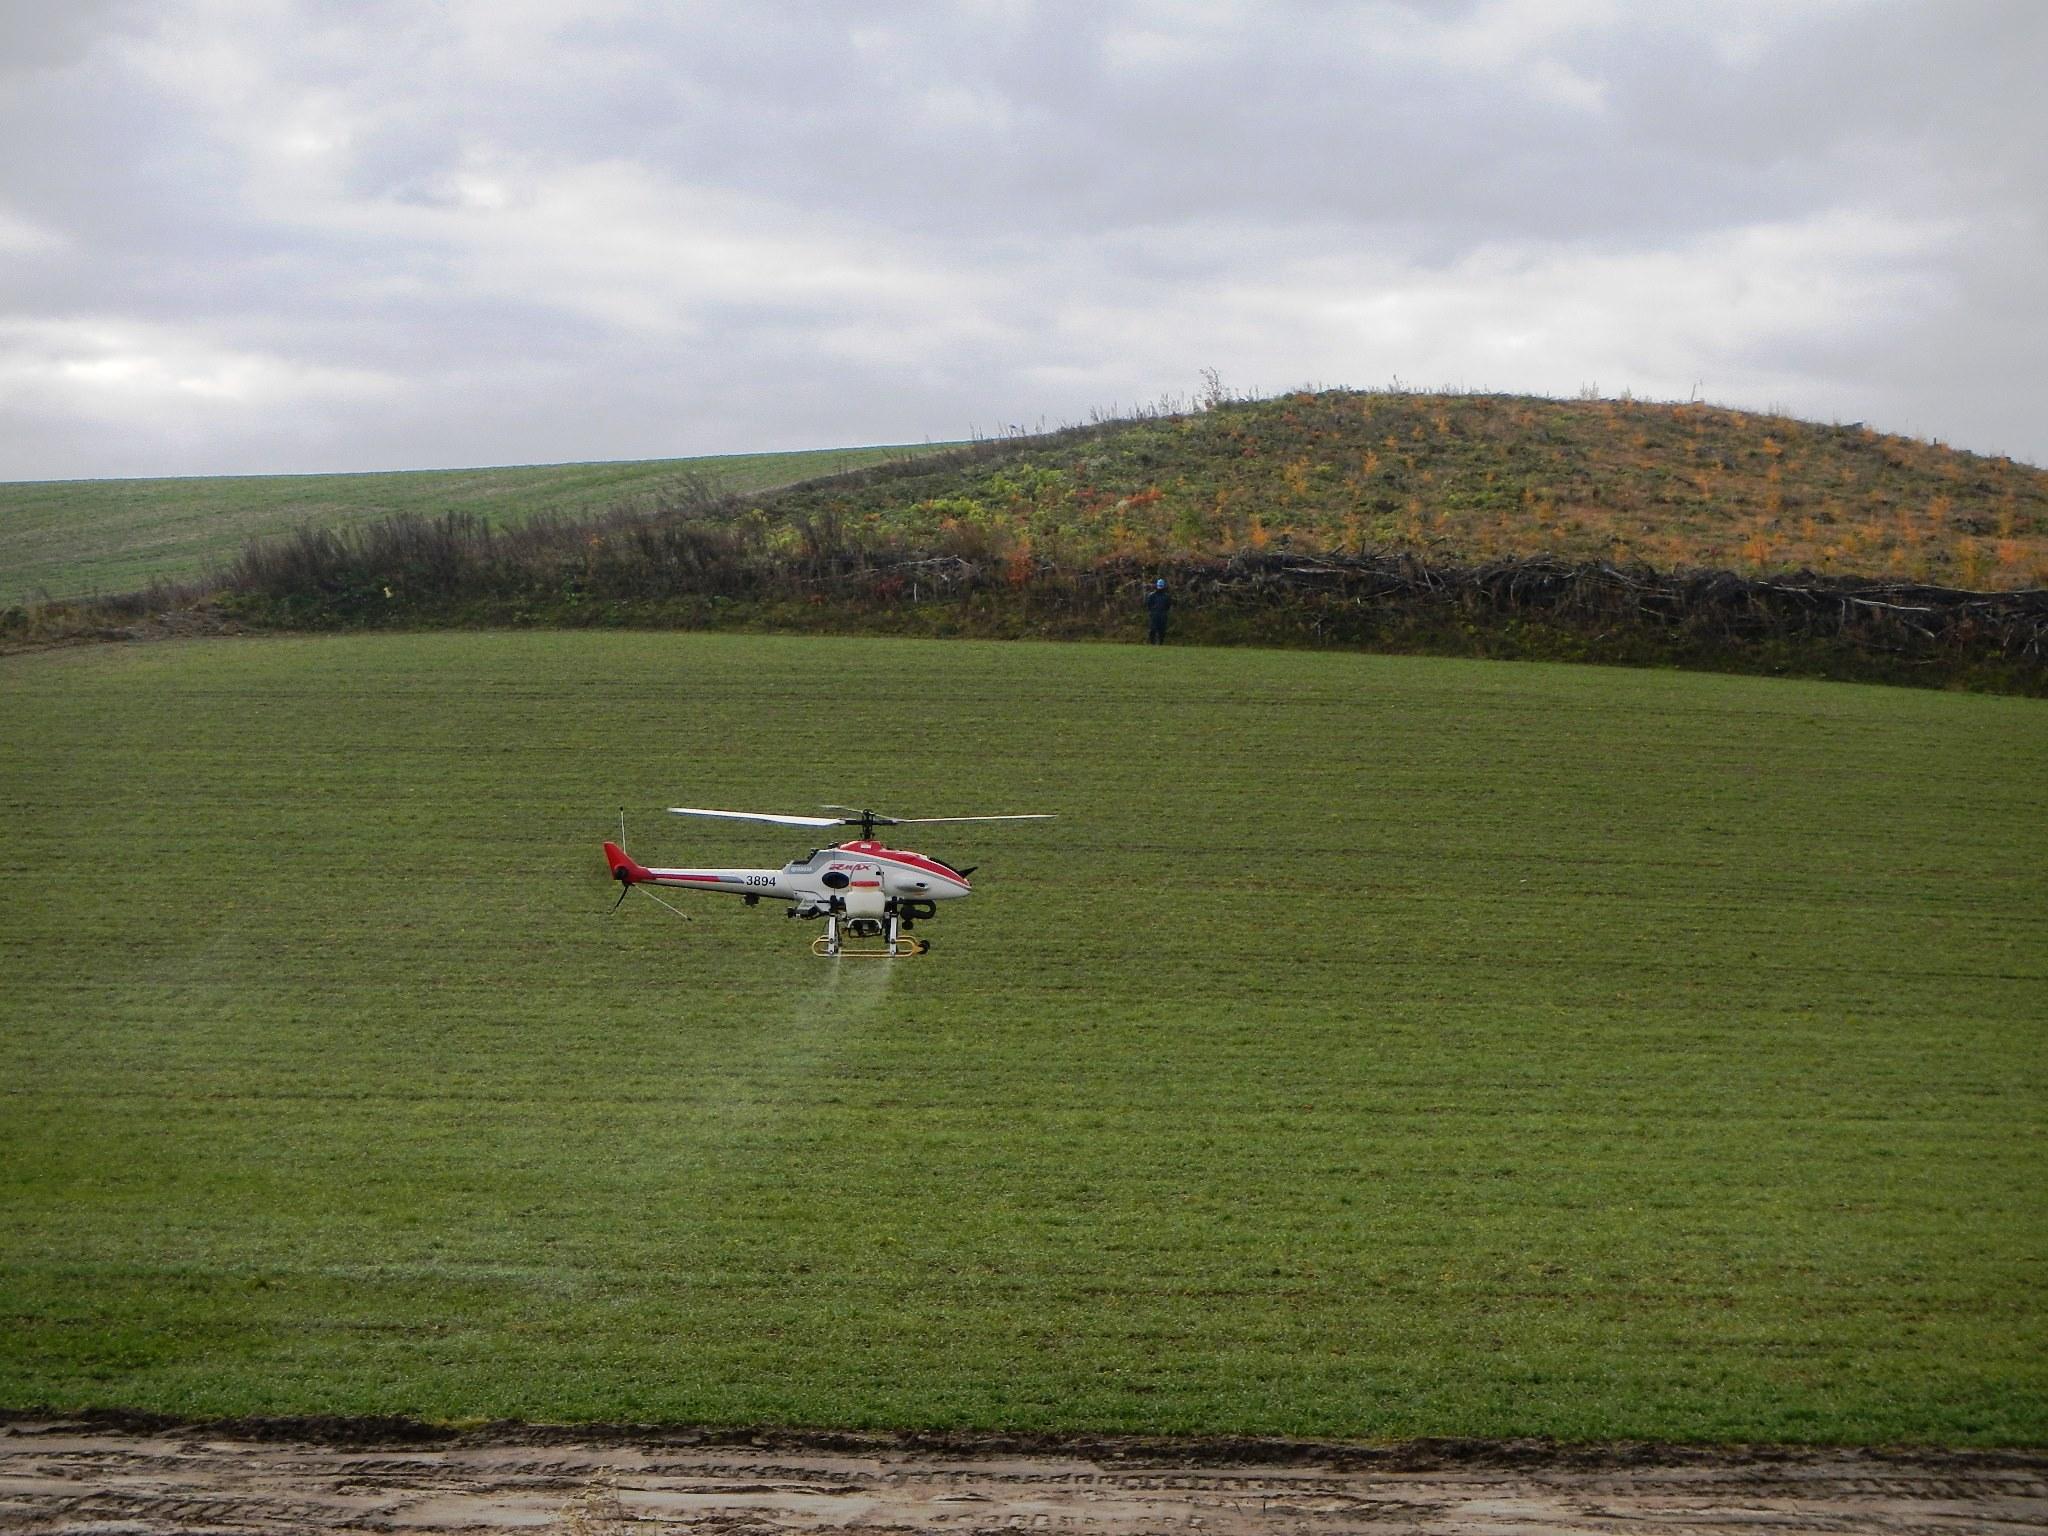 産業用無人ヘリコプター散布中